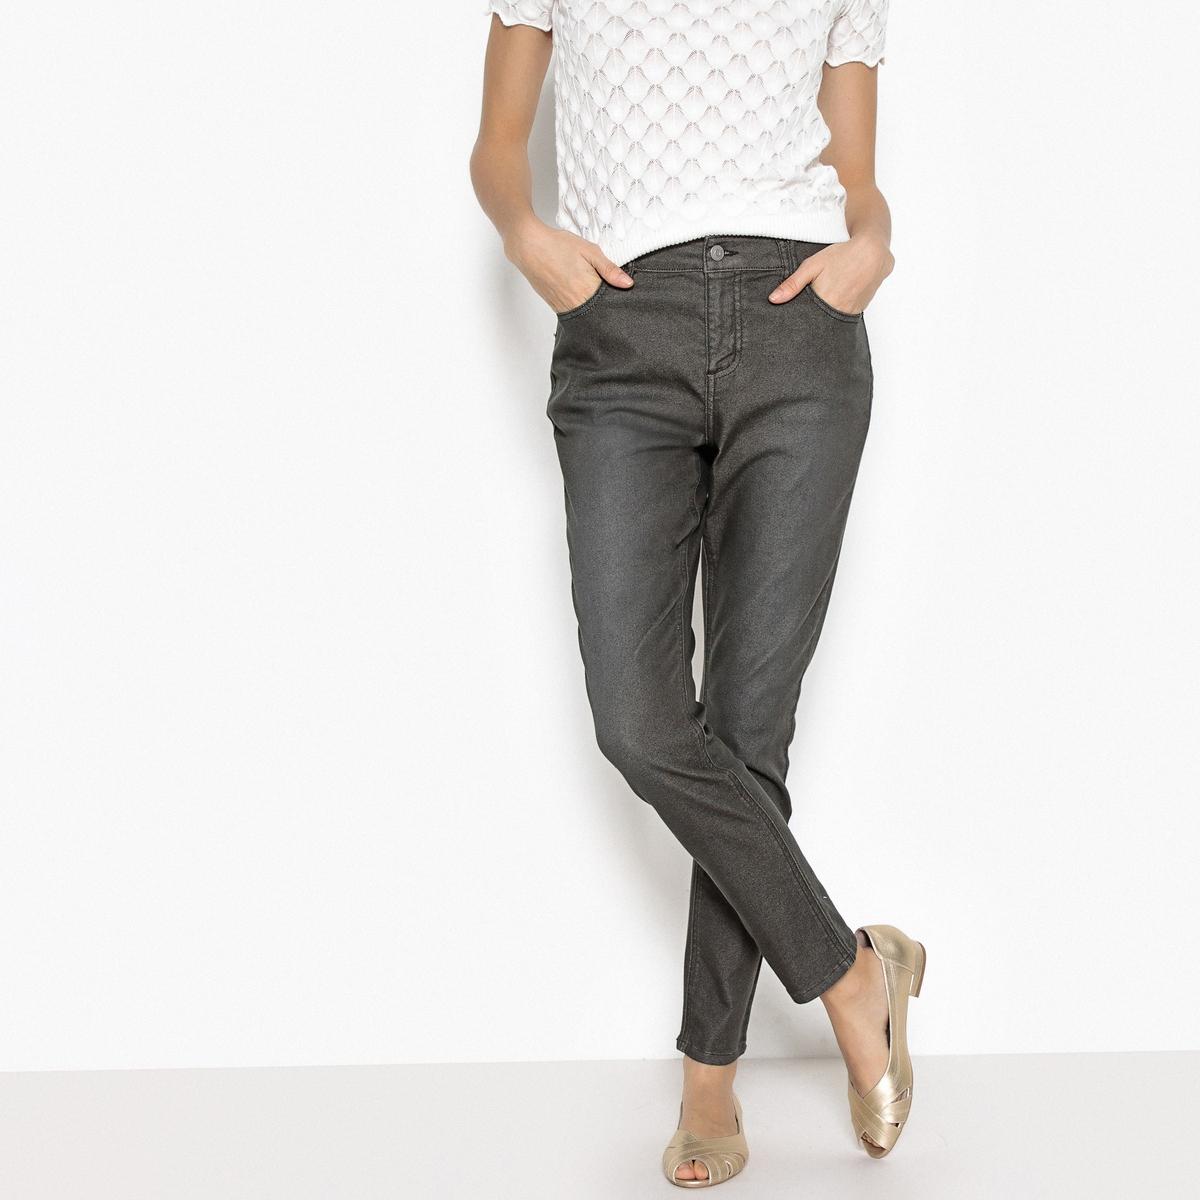 Джинсы-слим крашеные после пошива conver женские джинсы дудочки